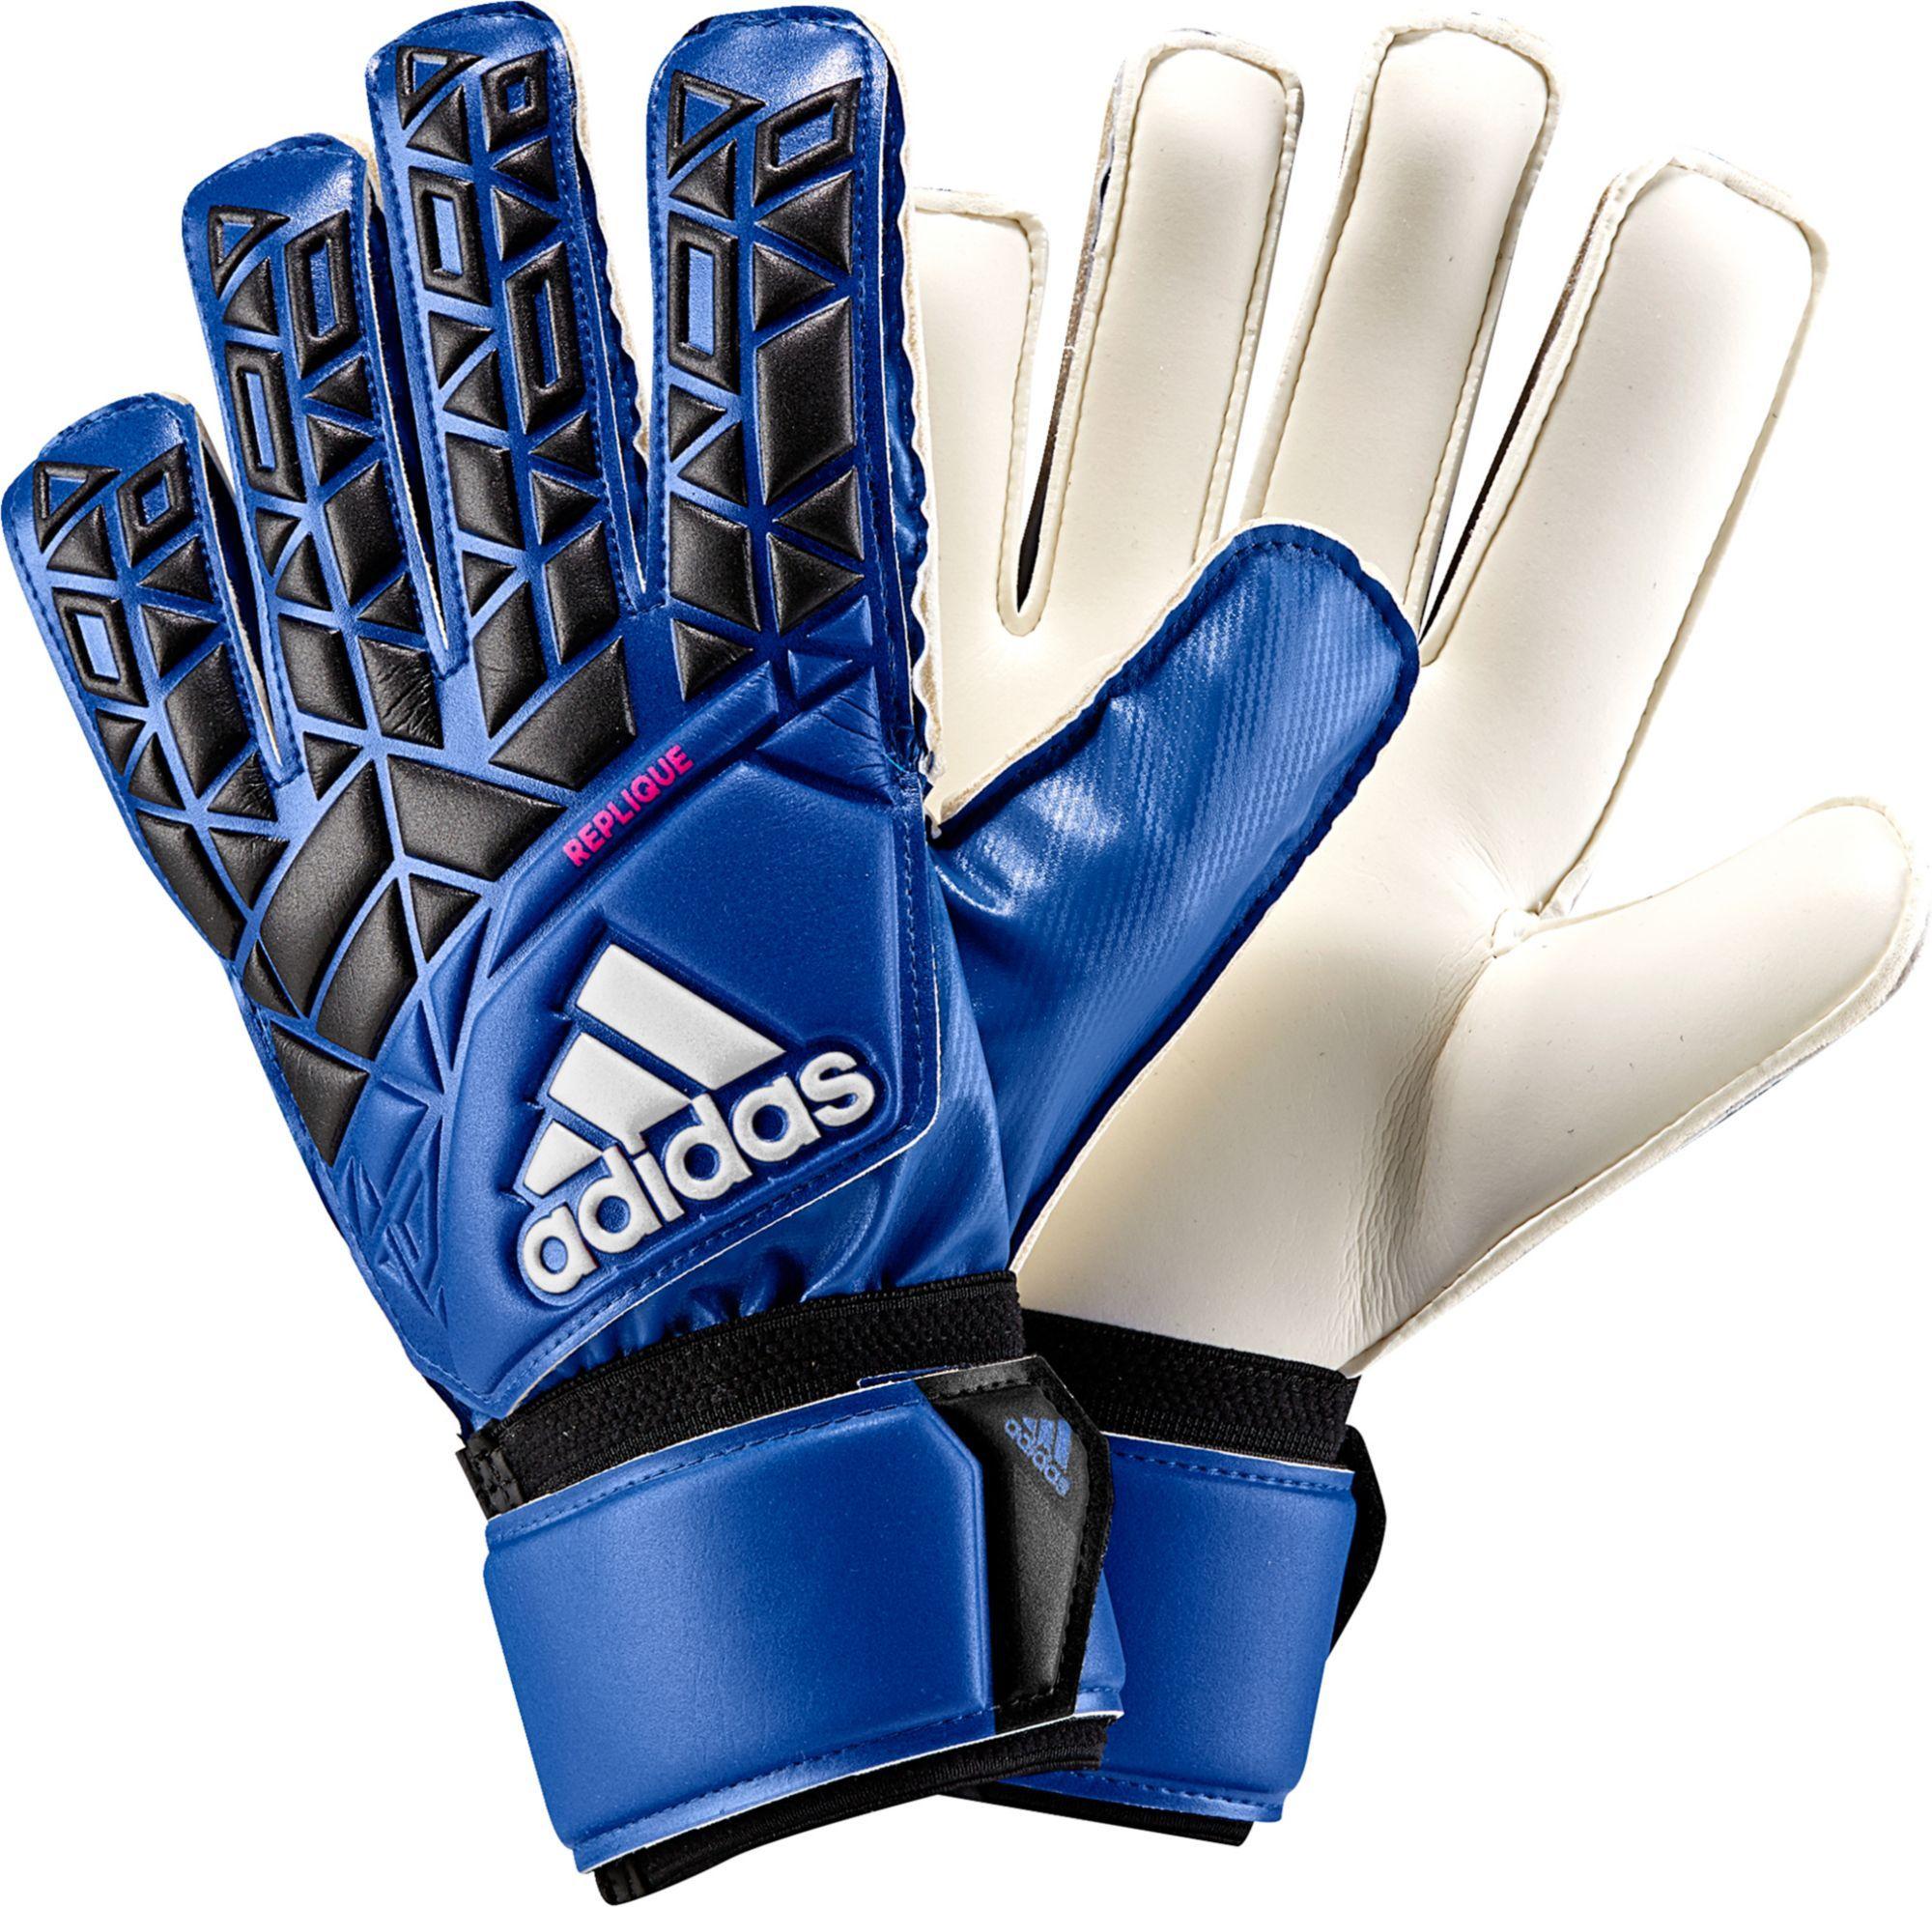 adidas Ace Replique Soccer Goalkeeper Gloves a4caf9e9a